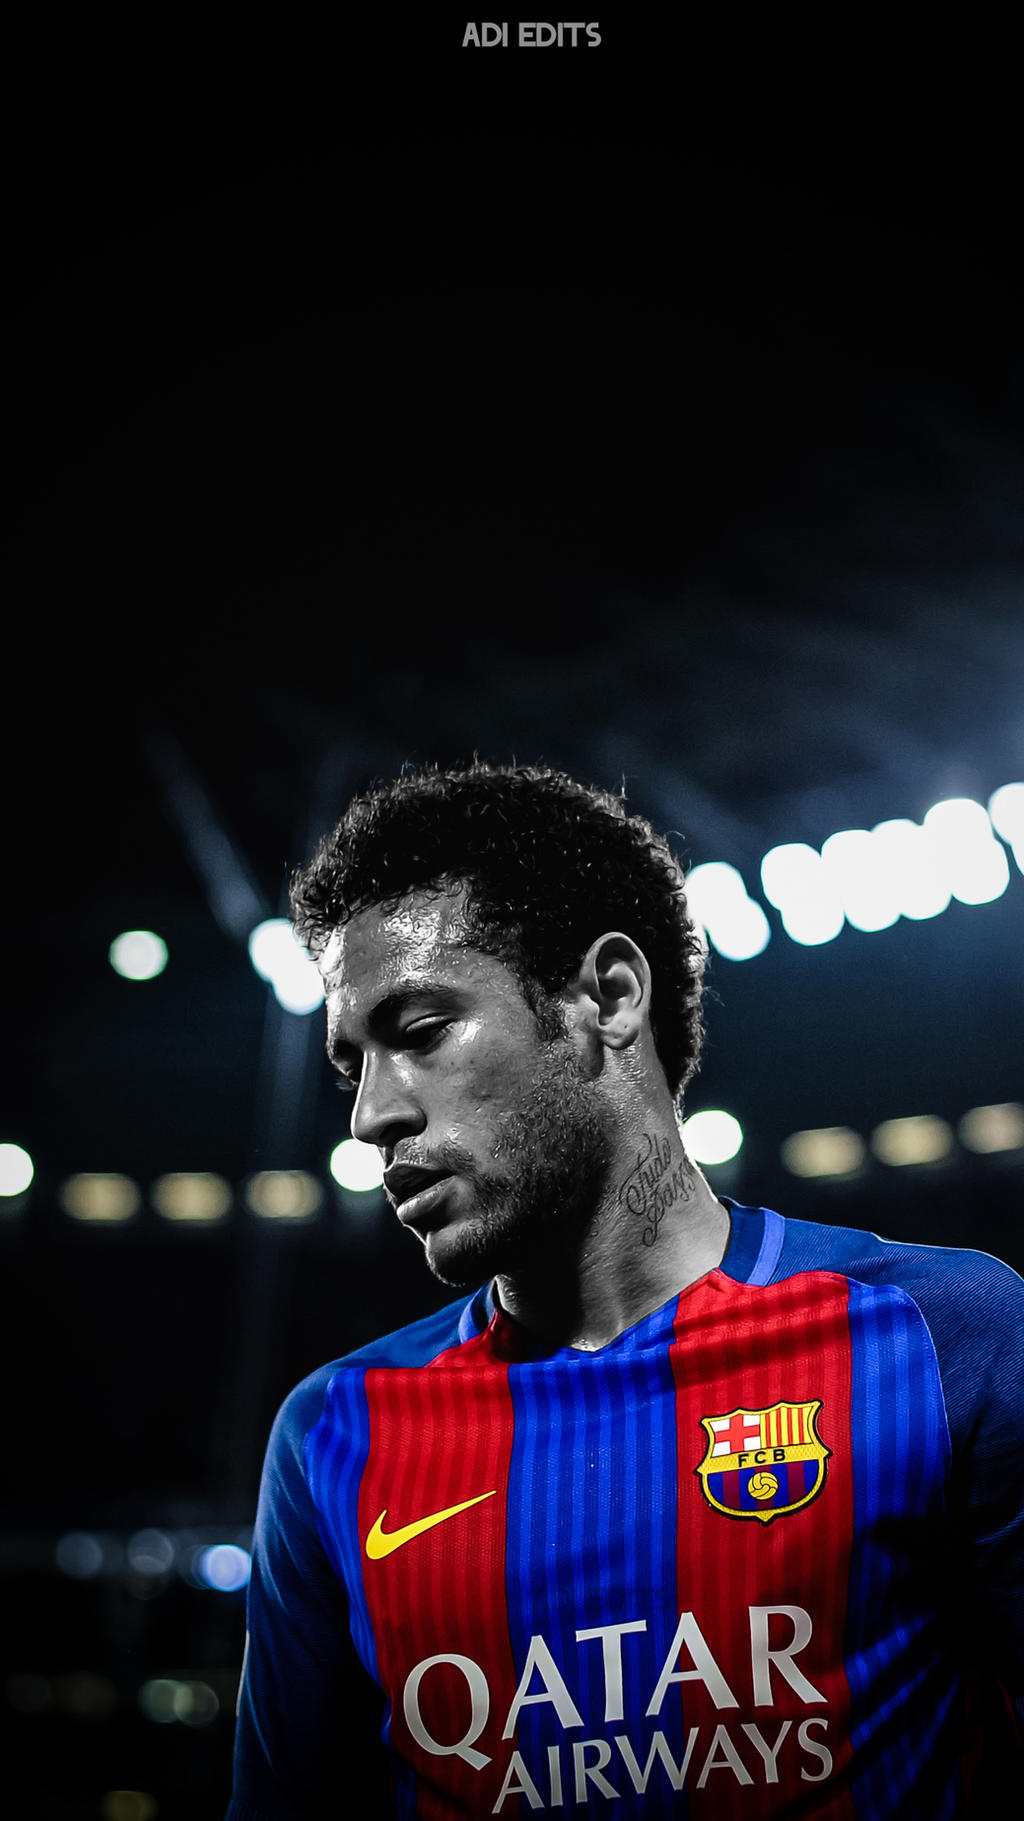 Neymar Jr. Barcelona HD Lockscreen Wallpaper by adi-149 on ...